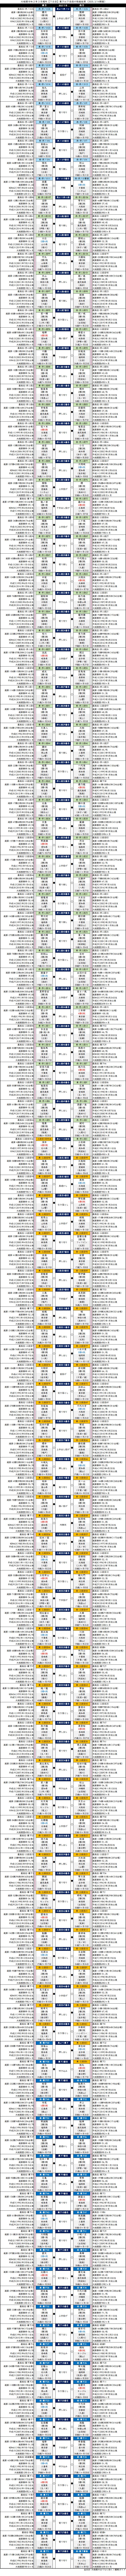 大相撲・2020年3月場所7日目・幕下以下の取組結果